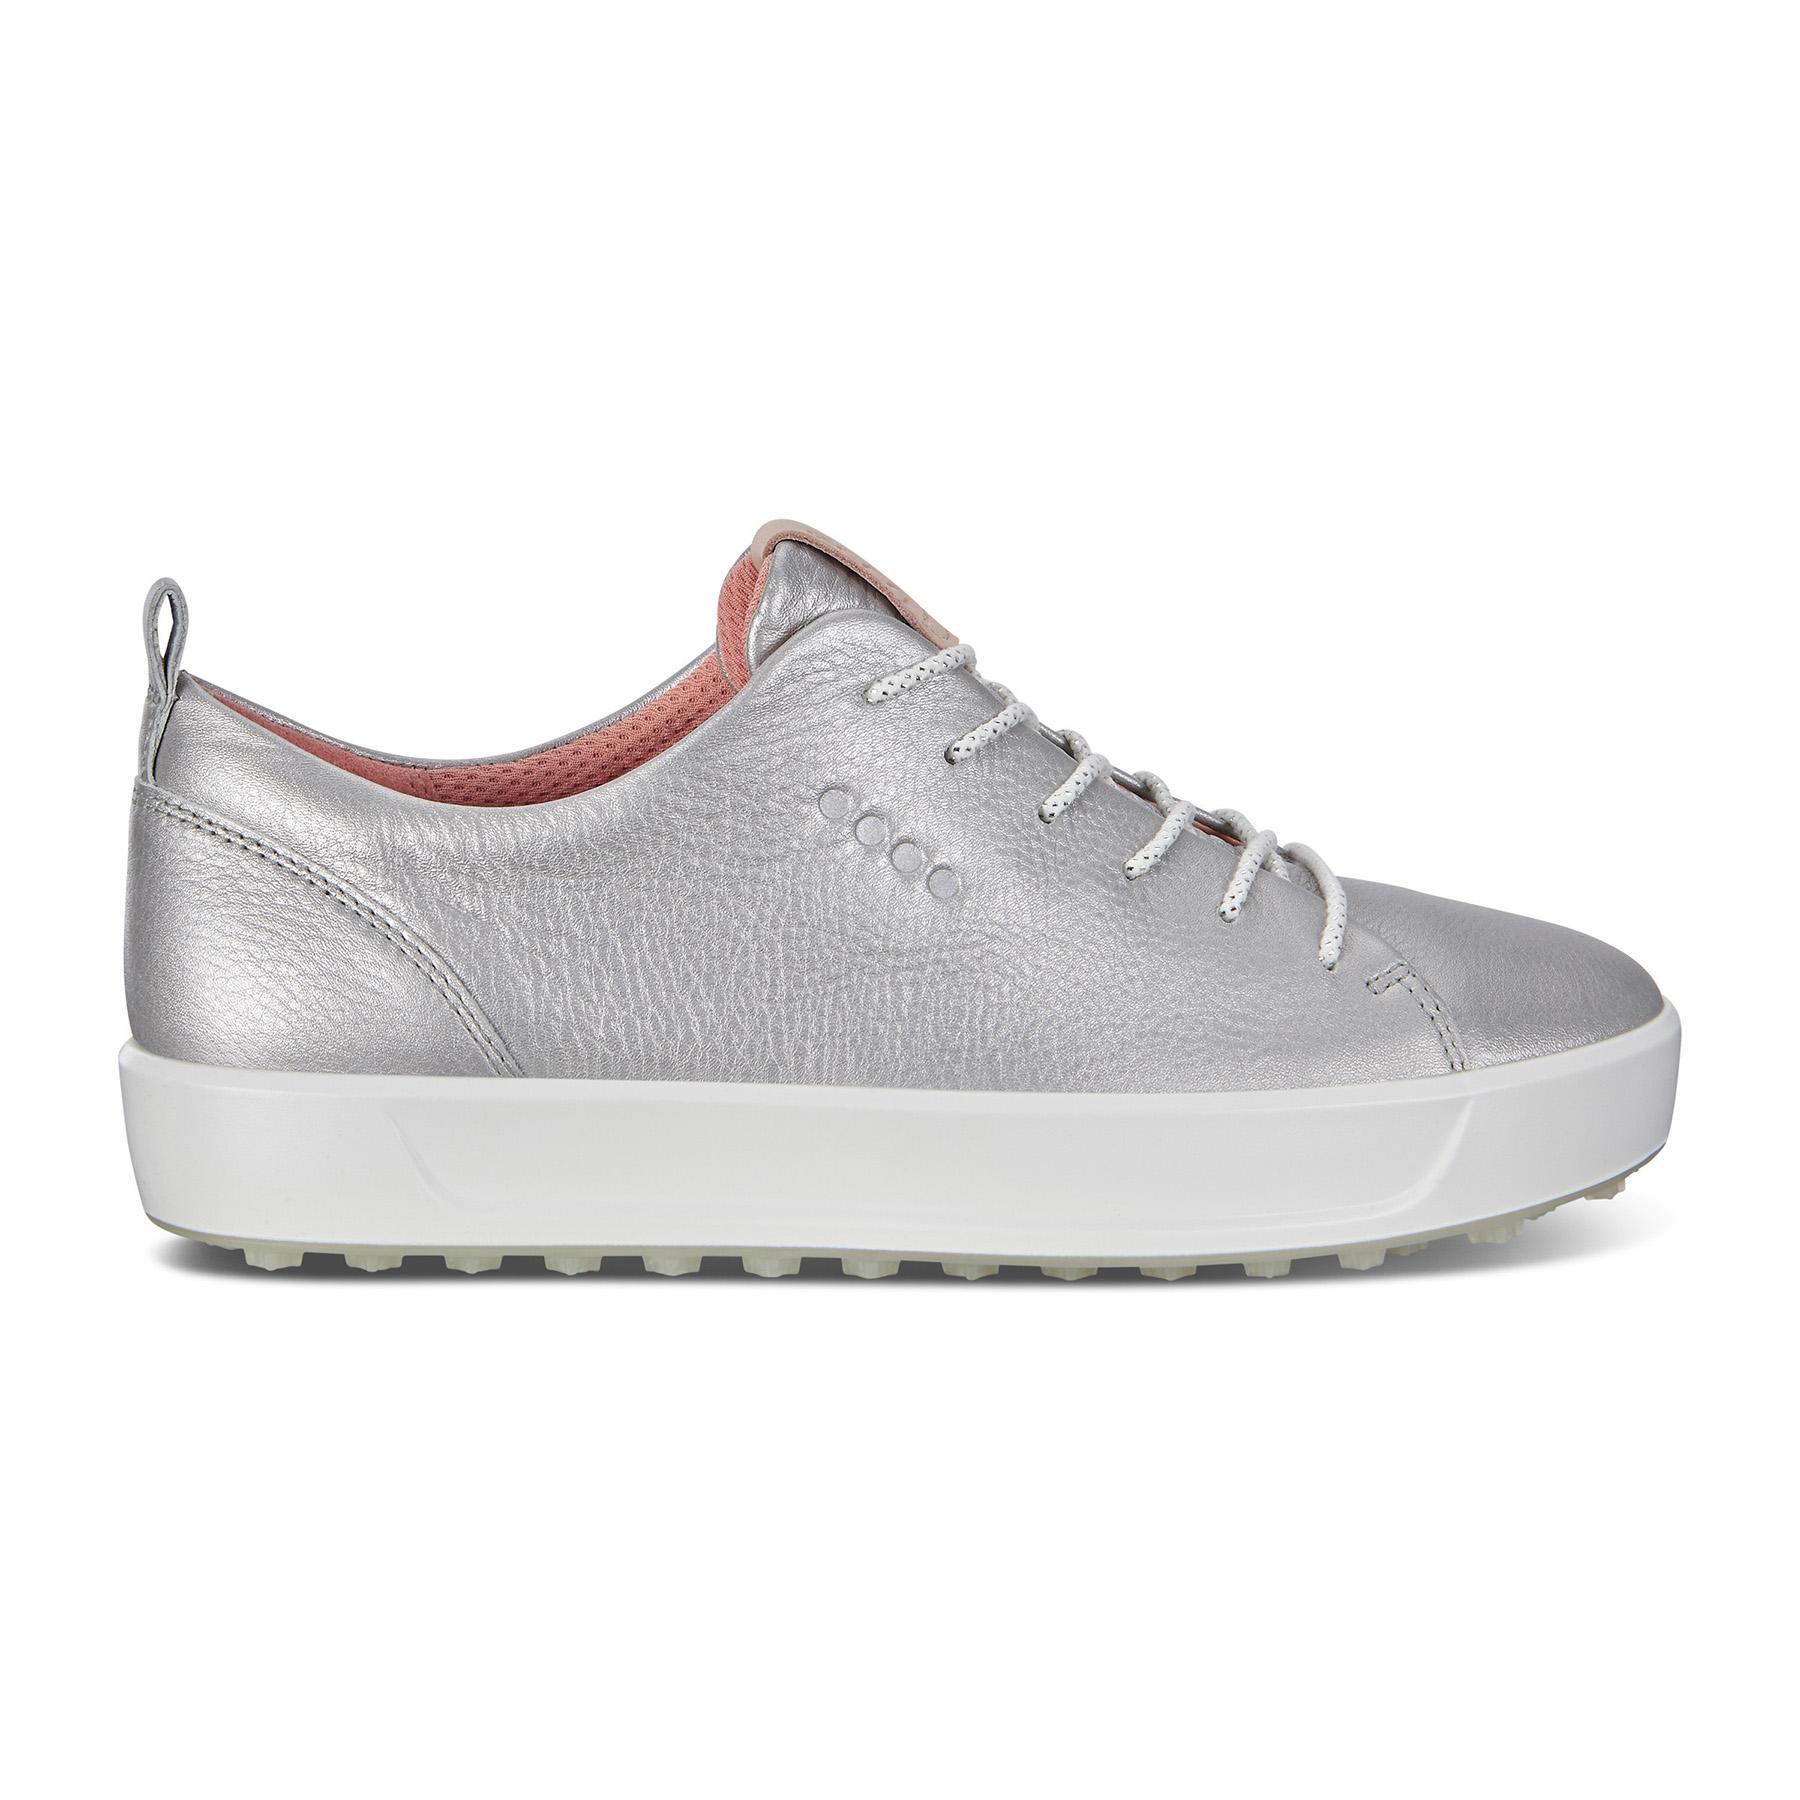 ECCO Soft Low Women's Golf Shoe